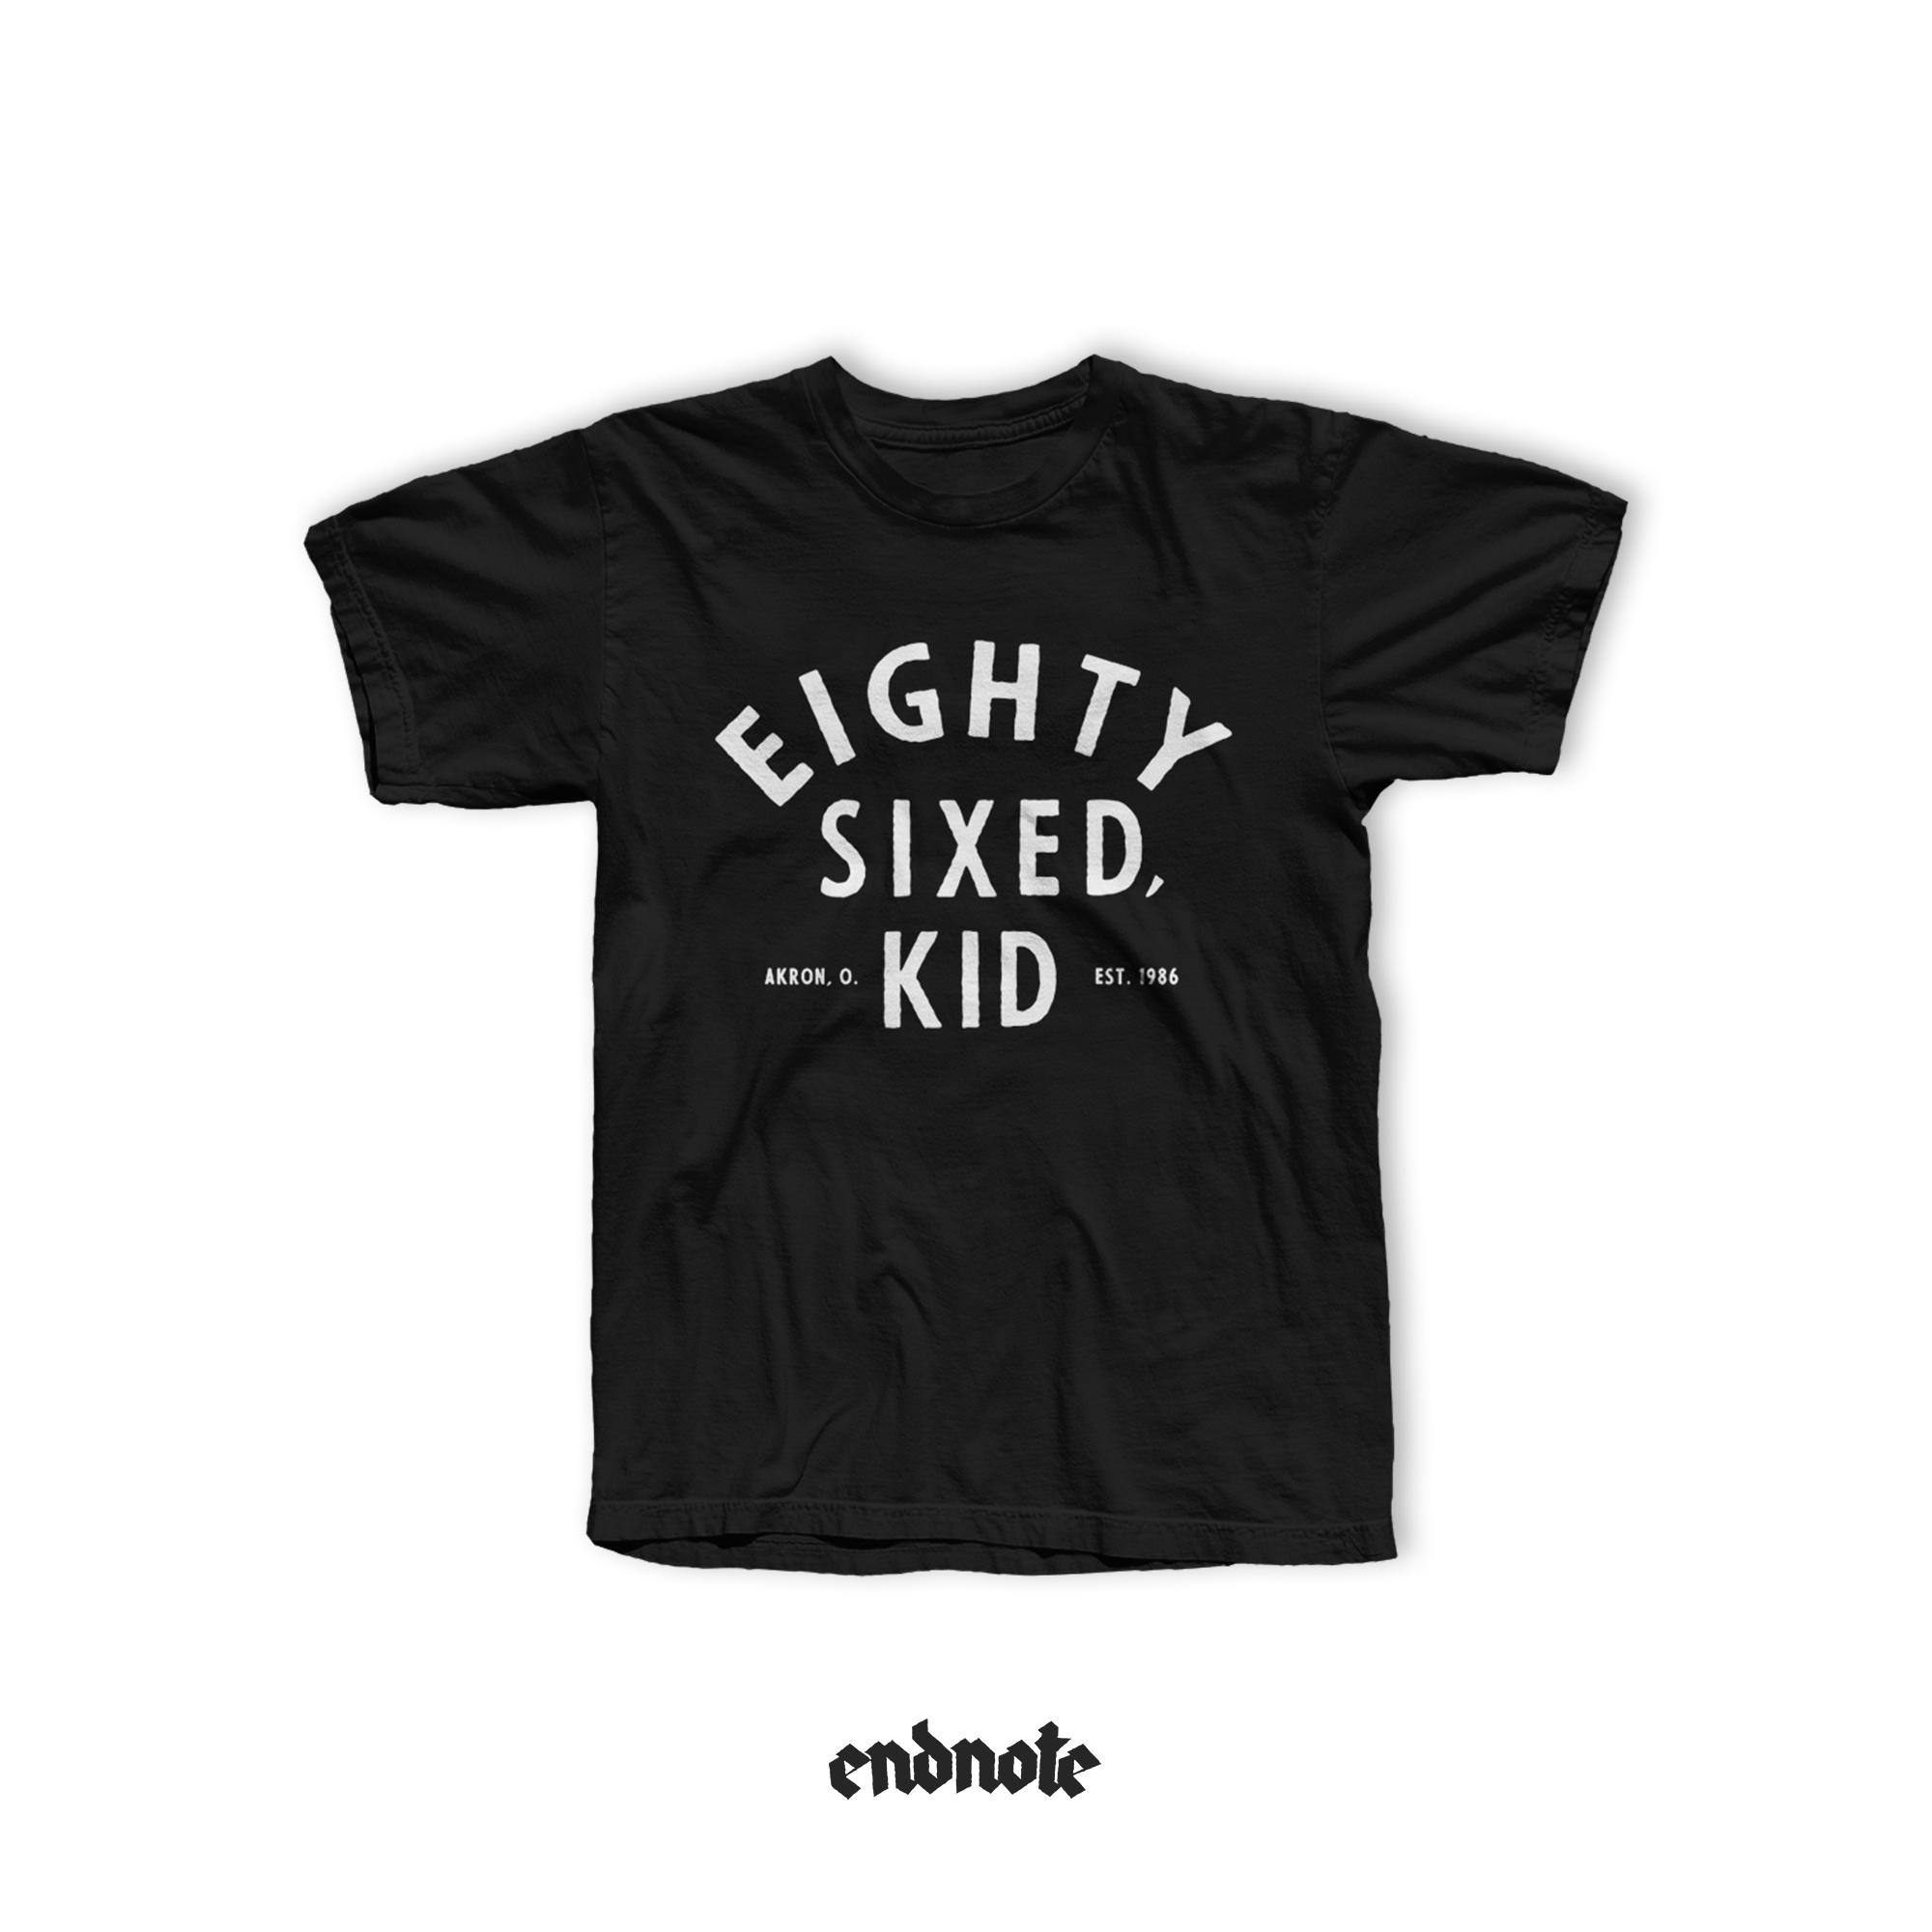 Eighty-Sixed, Kid - CD / Tee Shirt Bundle